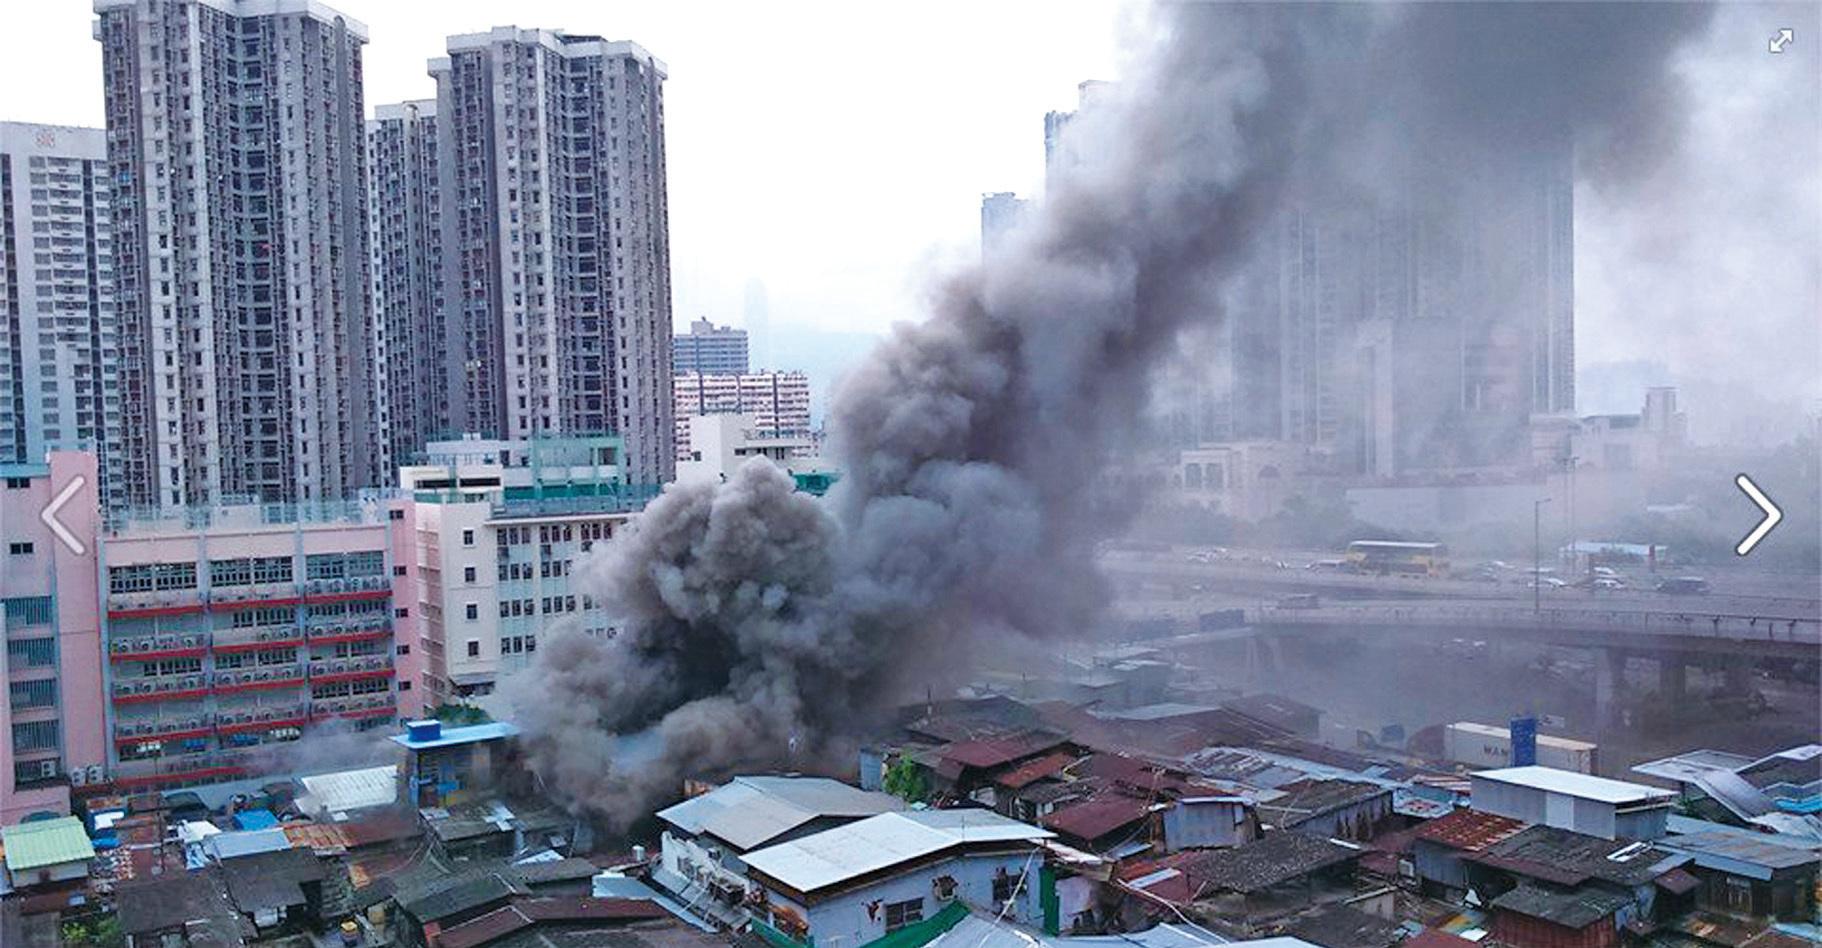 火警現場黑煙衝到半空,在奧運的居民都受到煙霧的影響。(Fox Ka-fai Lo/Facebook擷圖)